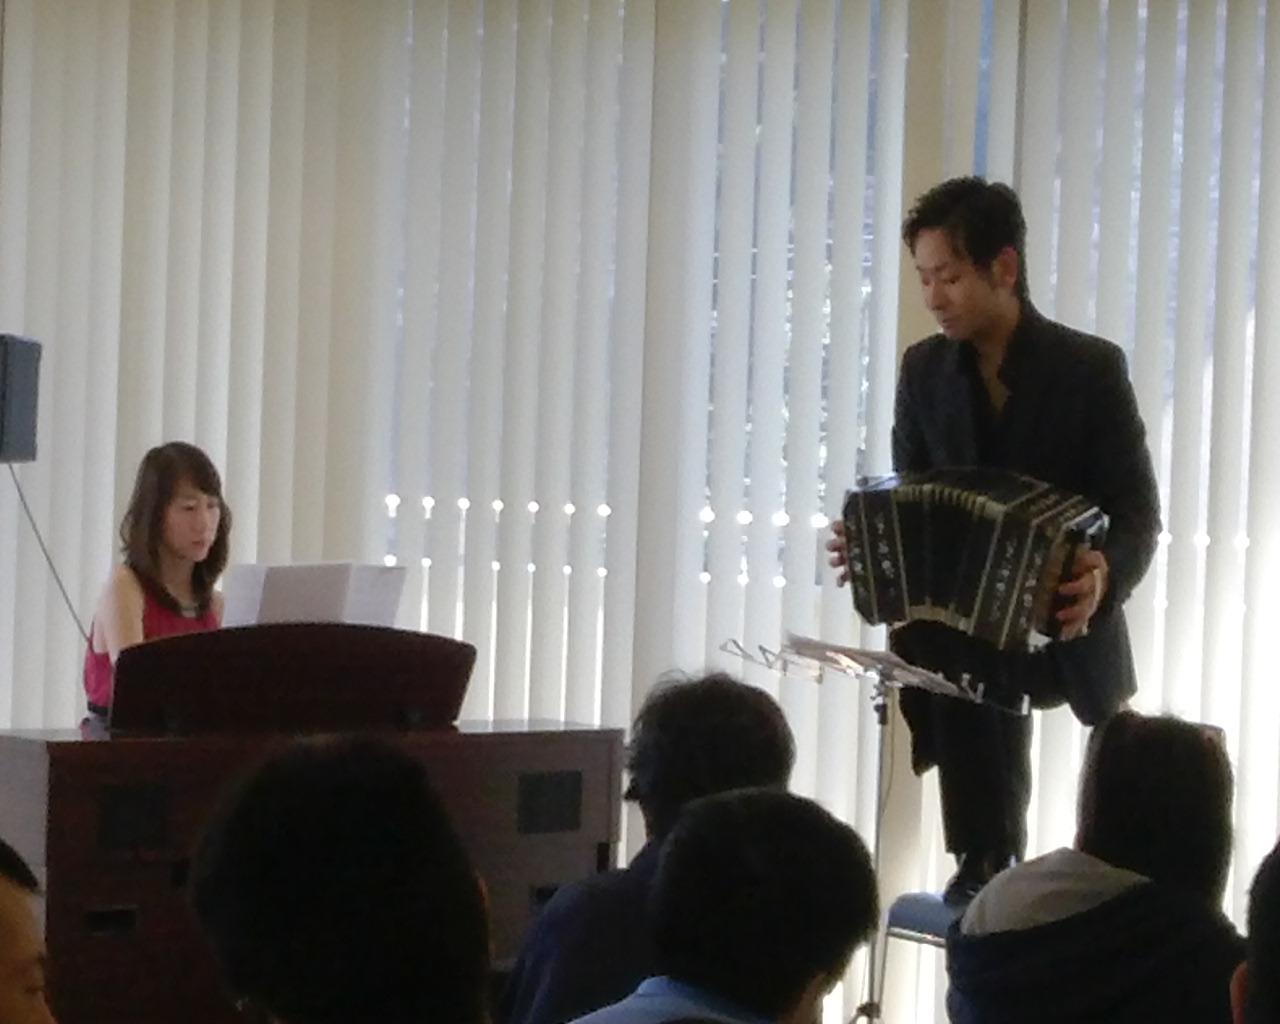 昨日は2ヶ所の鎌倉市の障害者施設を訪問して演奏してきました。みなさんじっと聞いてくださり、やりがいを感じる1日でした。 明日は長野県佐久市のホールにダンサーも一緒に演奏に行って参ります。